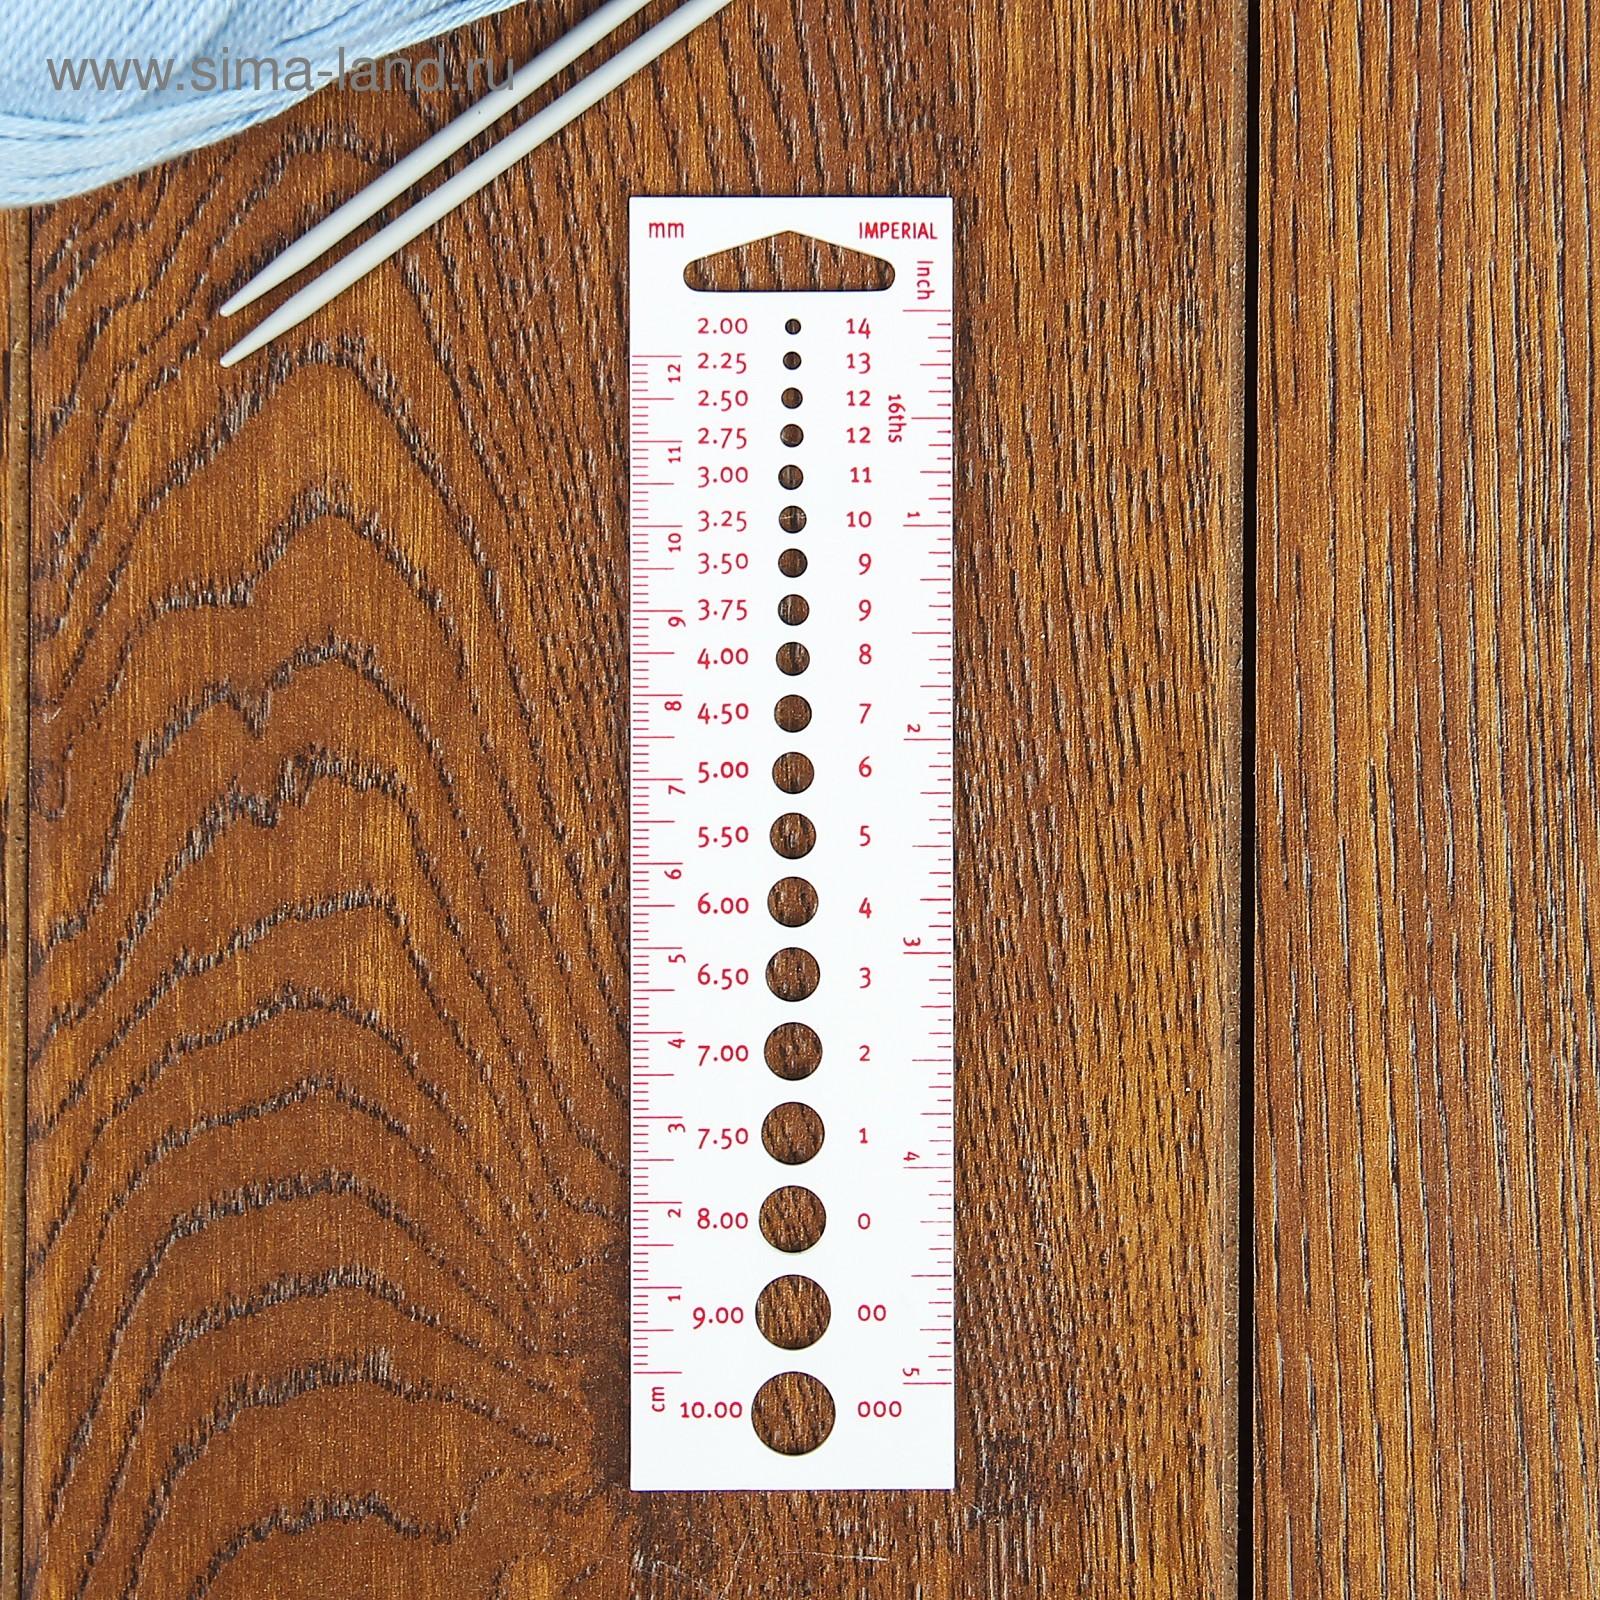 линейка для определения размера спиц для вязания 1358173 купить